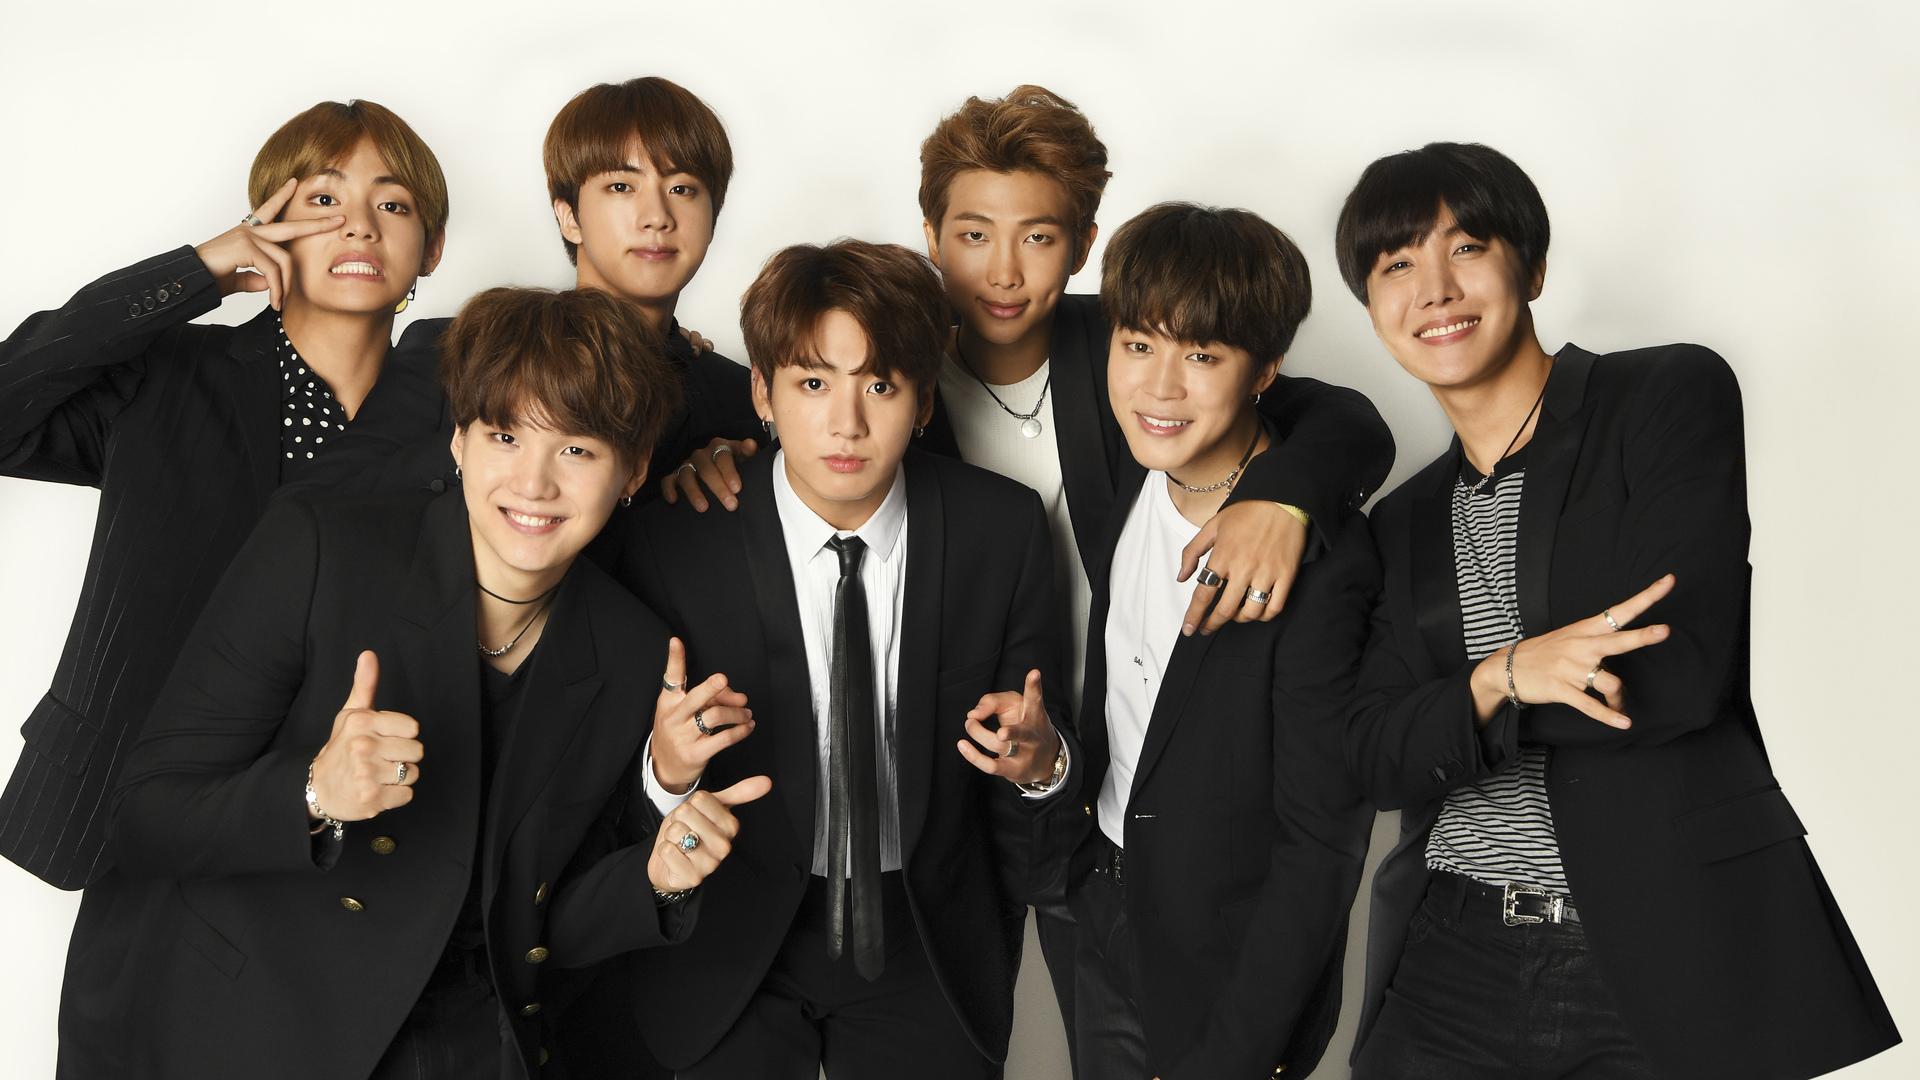 Ảnh nền BTS tập hợp các thành viên